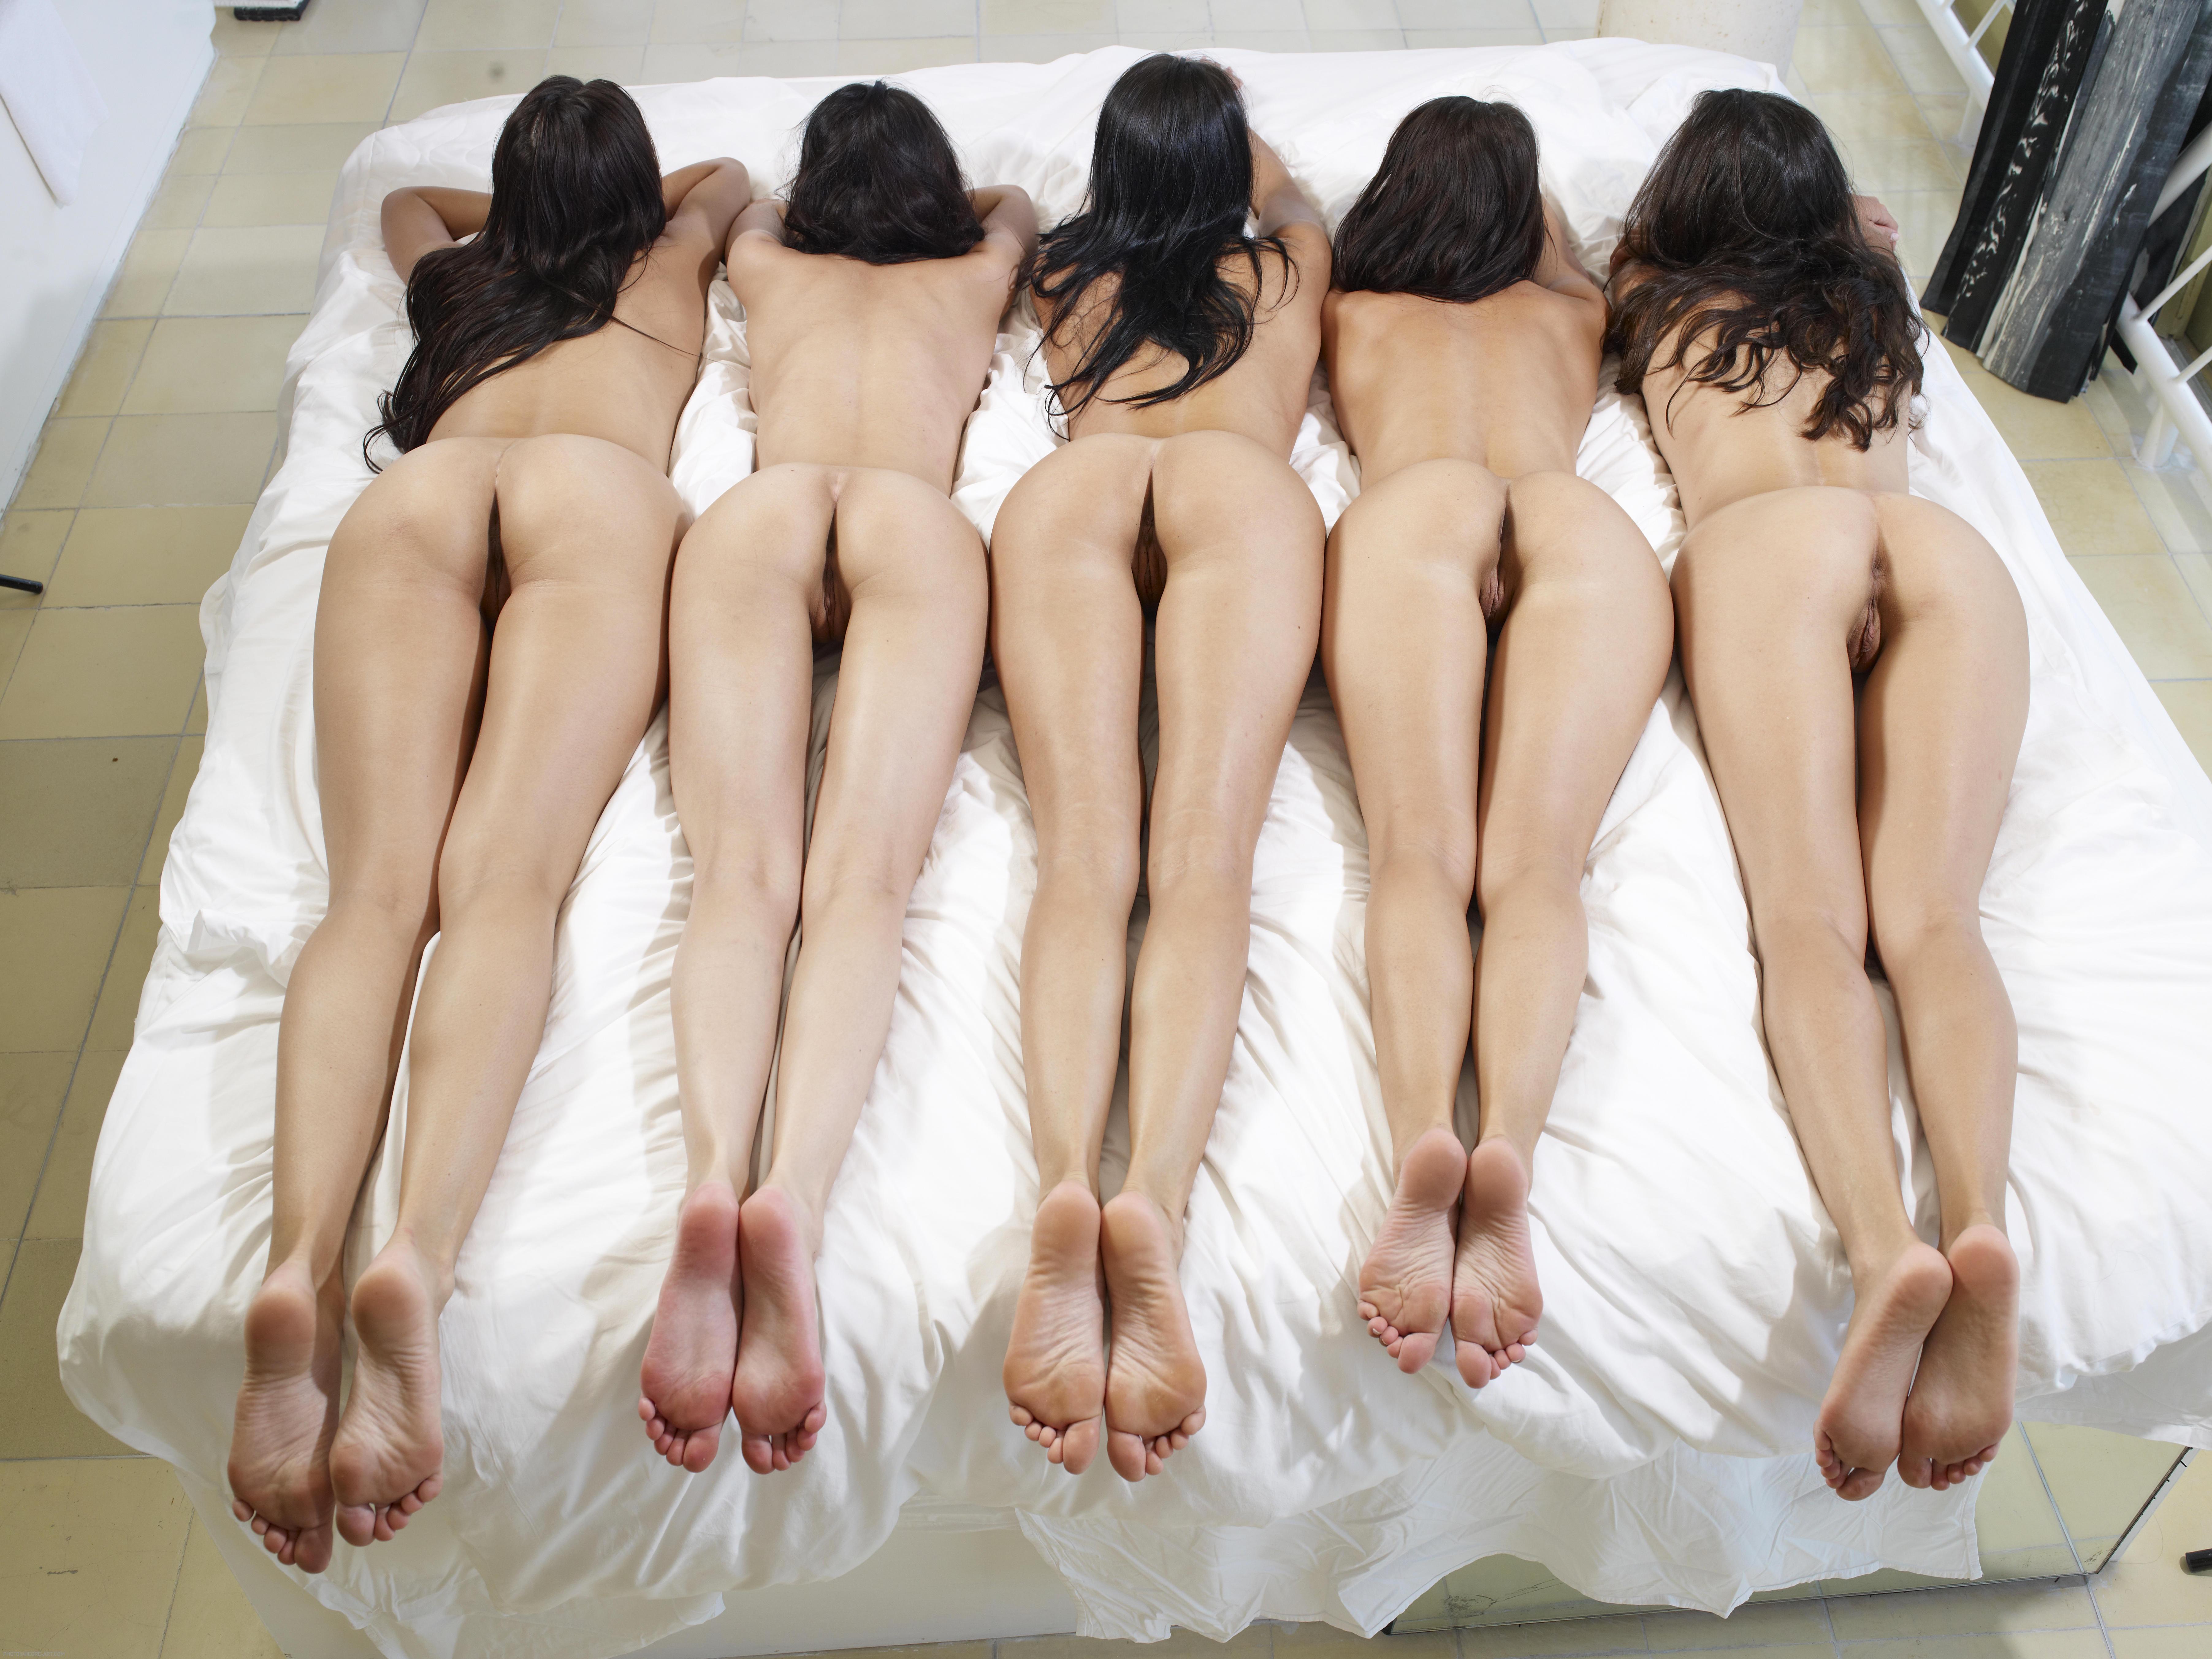 Chicas asiáticas culo grupo desnudo